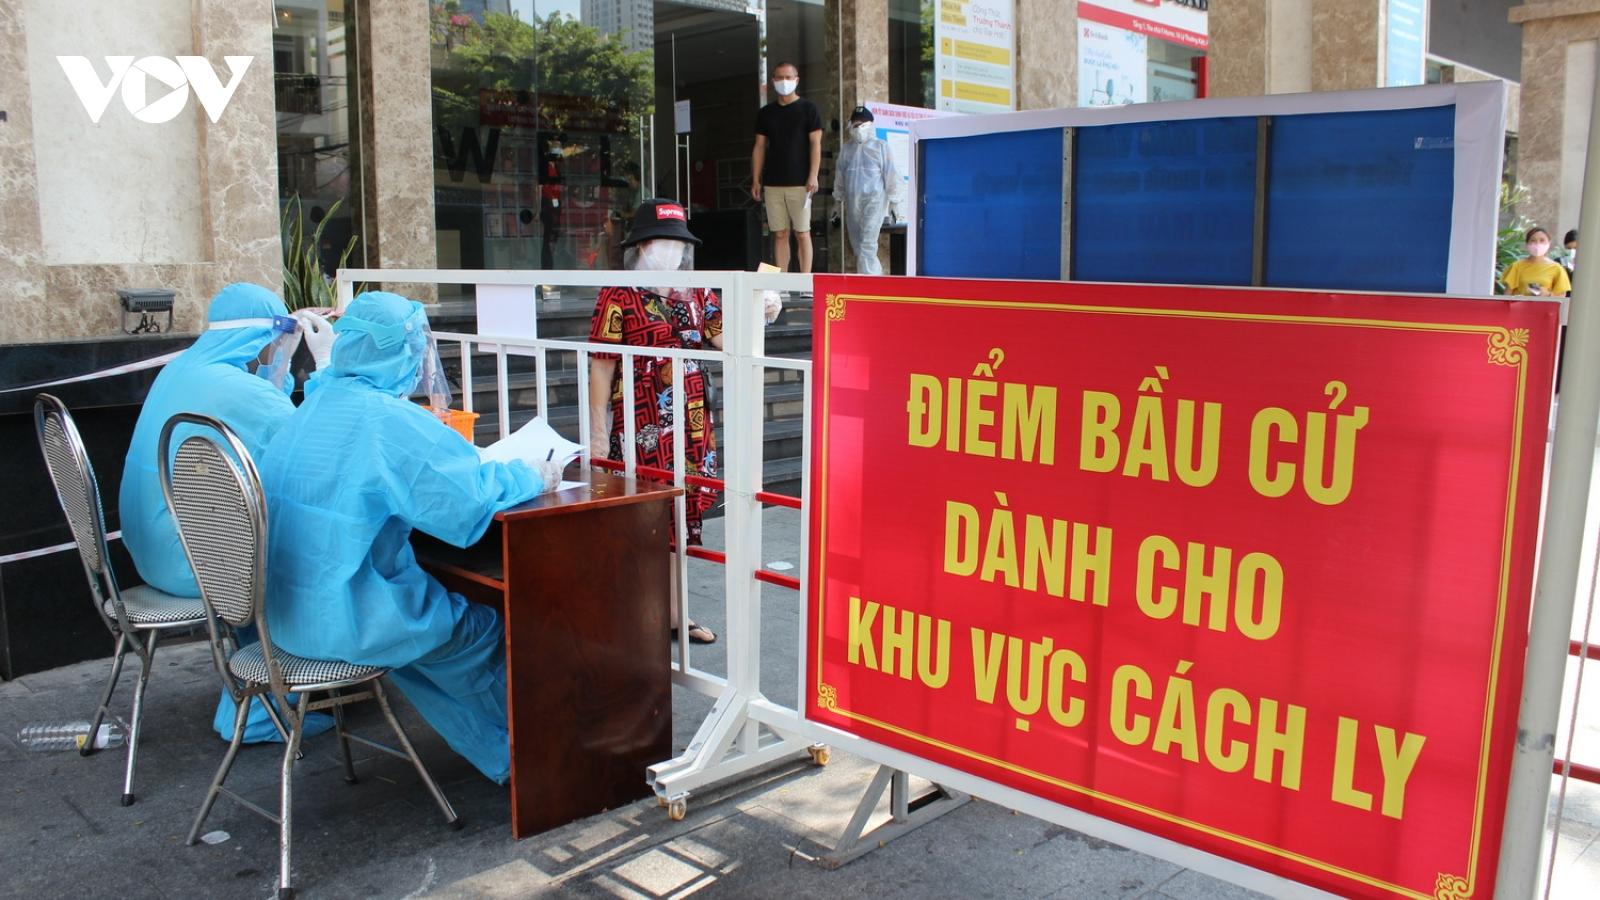 Ngày bầu cử đặc biệt trong các khu cách ly ở Đà Nẵng